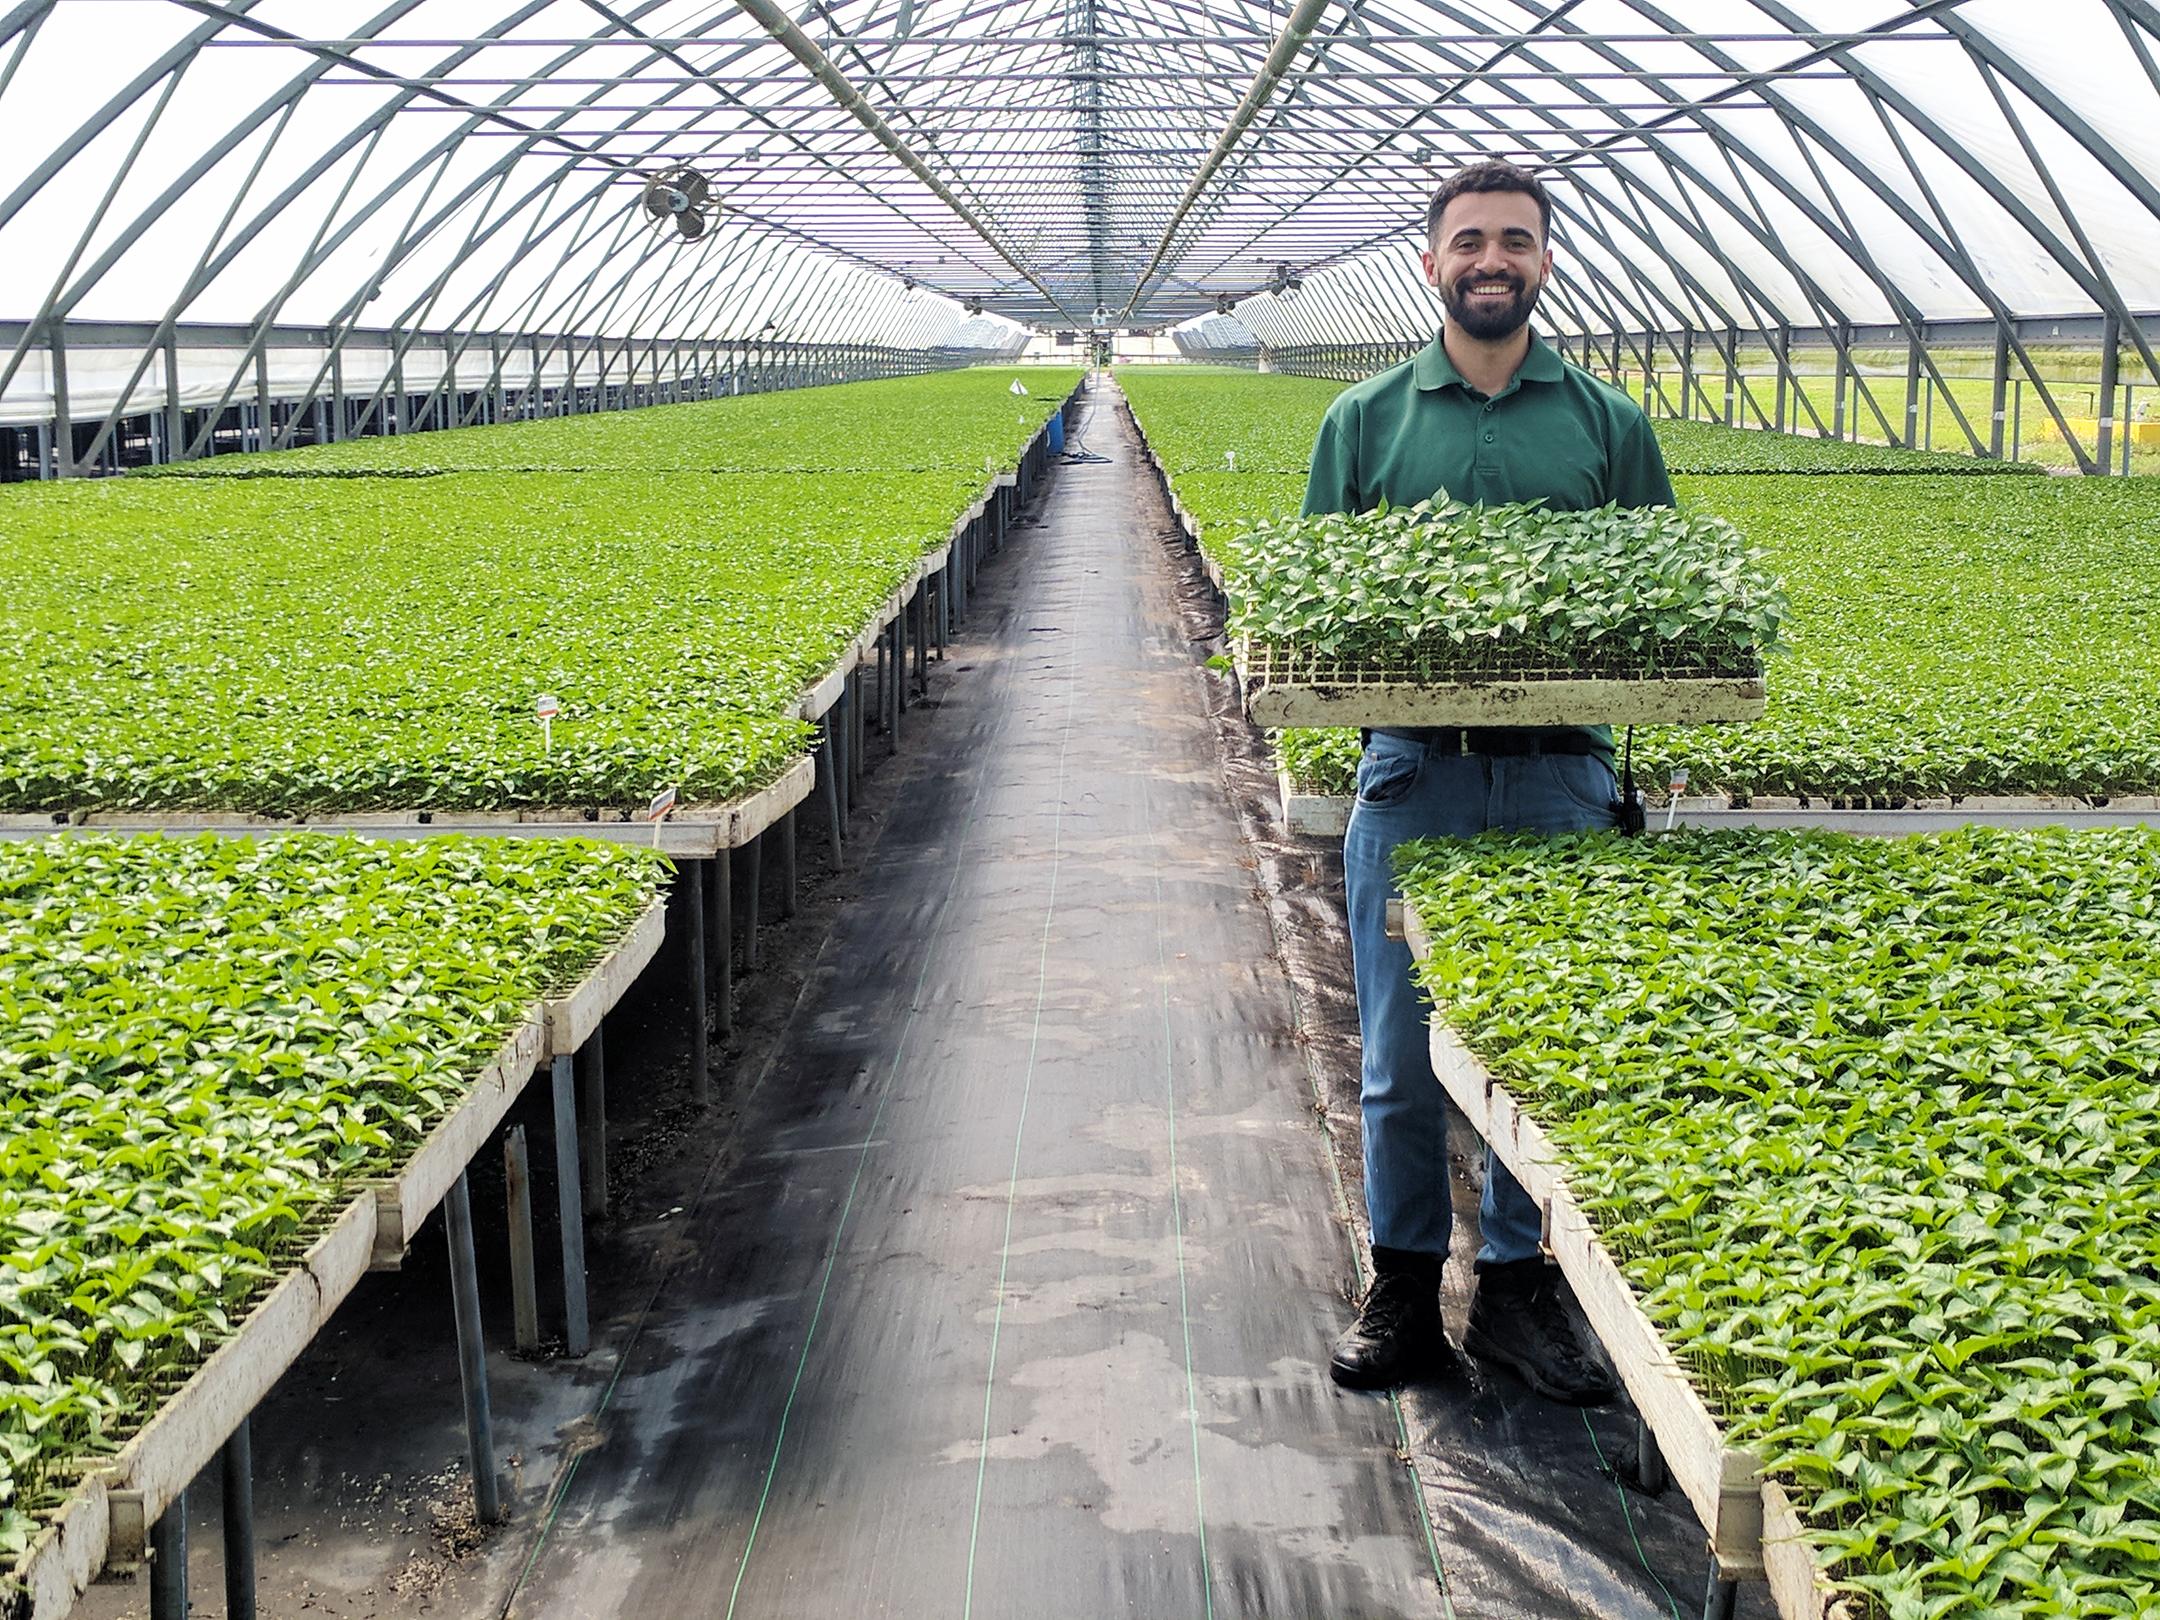 Horticulture Internship | The Ohio Program